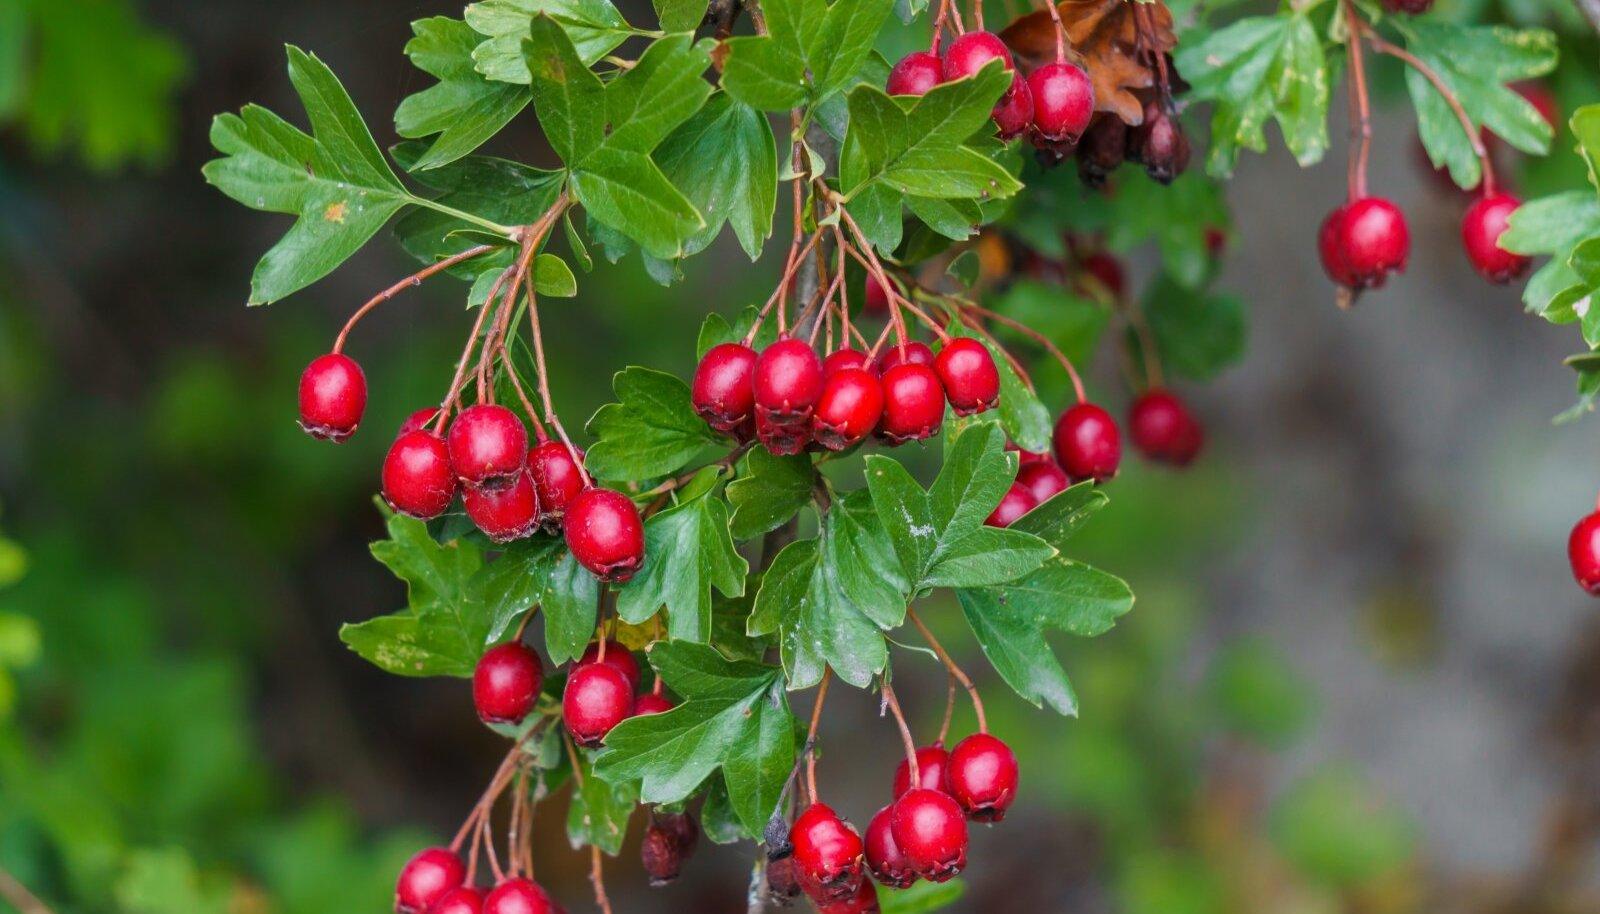 Viirpuu on ka tuntud hekitaim, mis lummab oma ilusate marjadega.